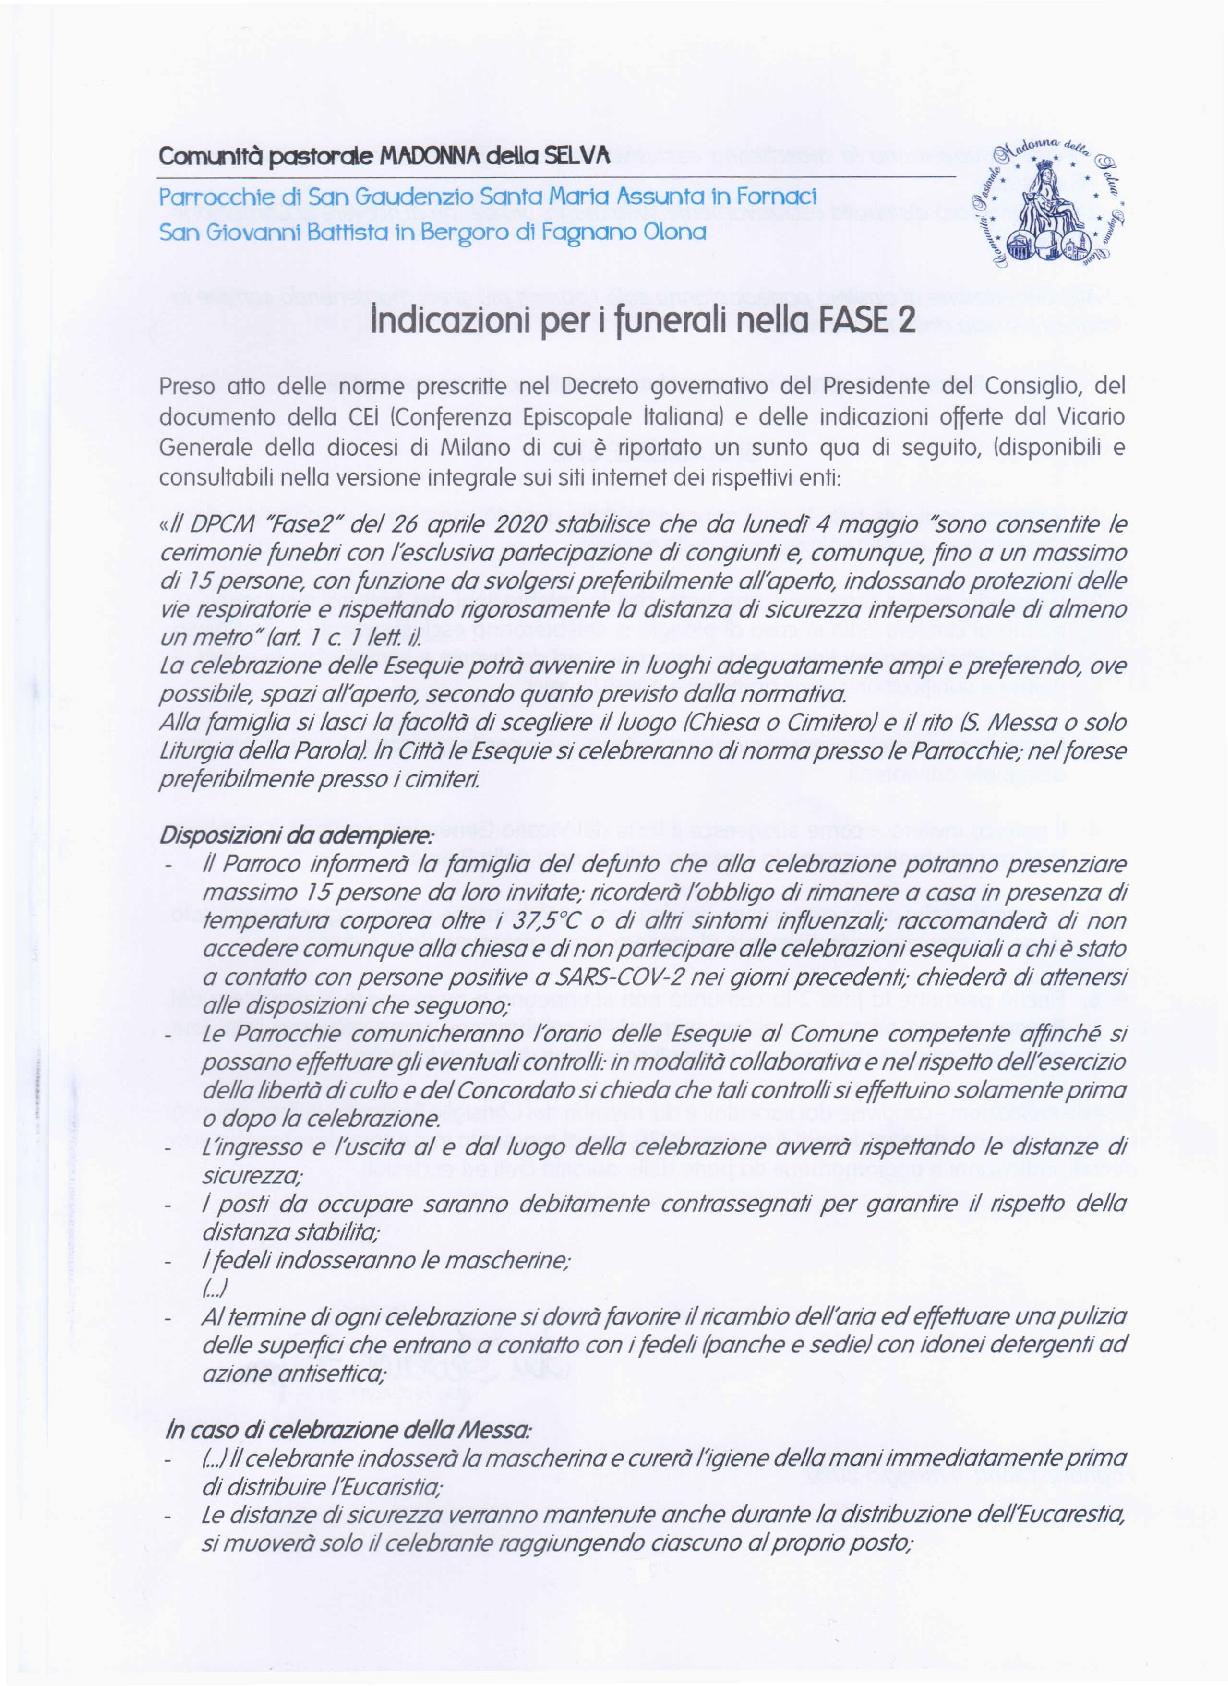 Indicazioni Funerali - fase2 - CP MdS1